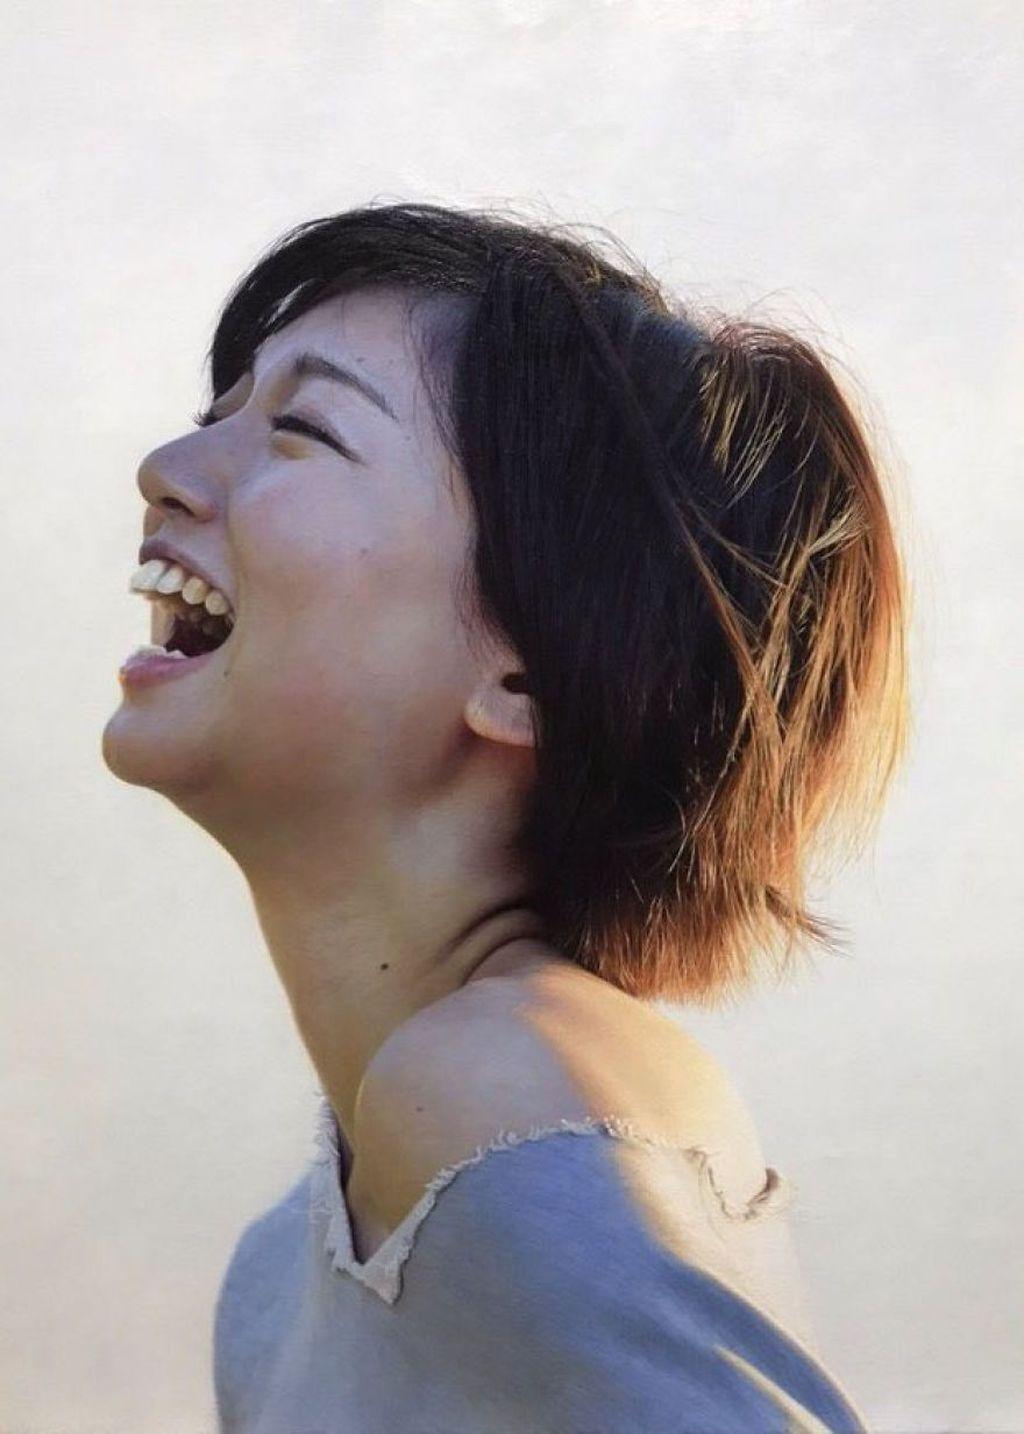 Kei yang asal Hiroshima, sudah menjadi pelukis profesional selama 10 tahun. Foto: Twitter